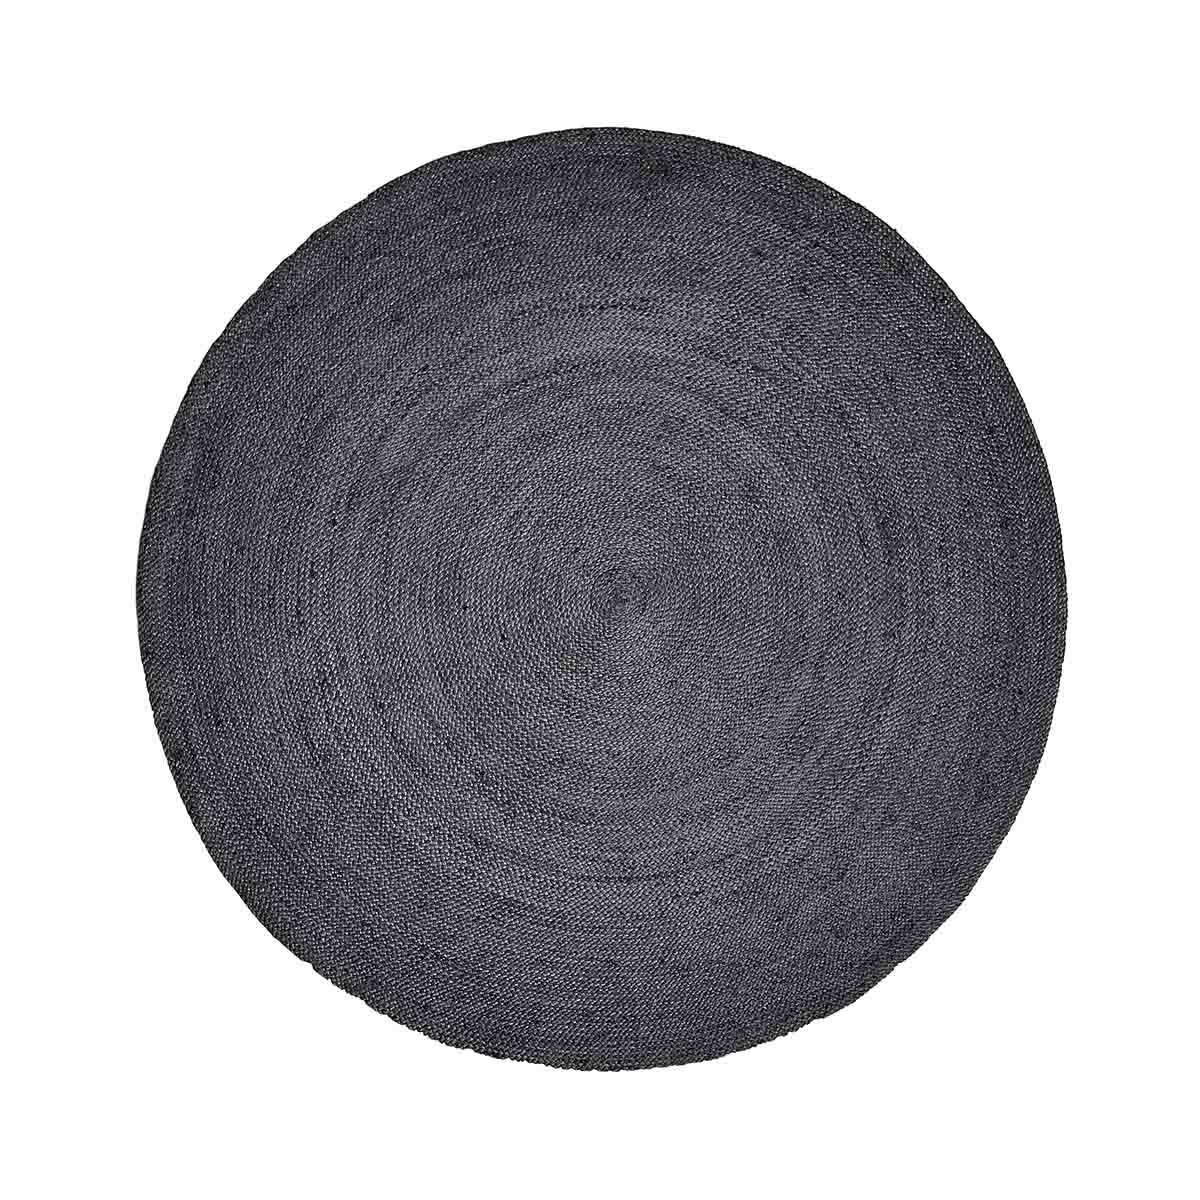 Image of   Nordal gulvtæppe Jute sort Ø150 cm